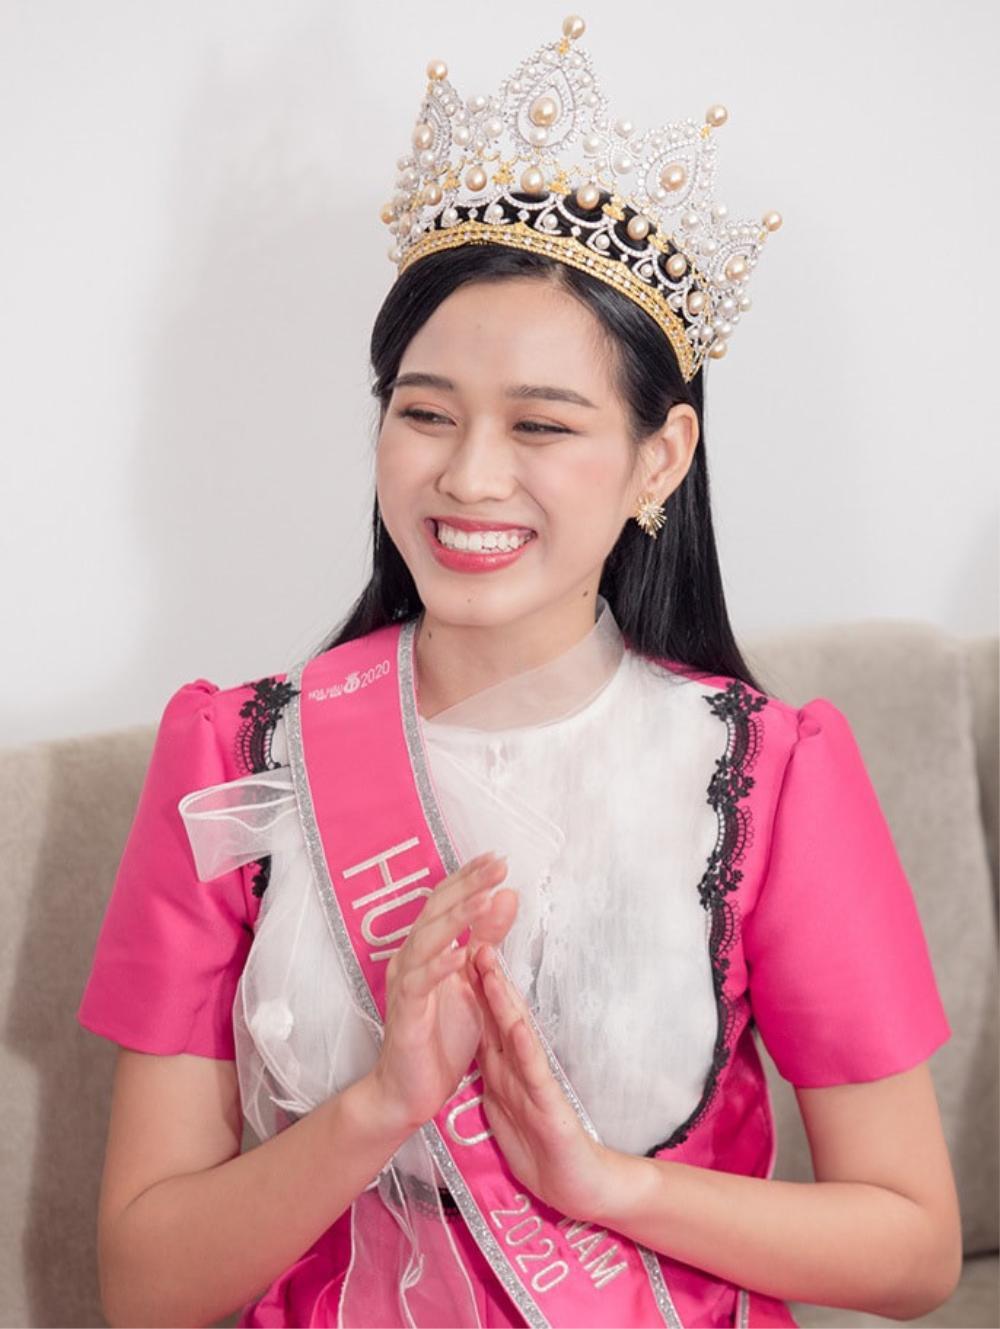 Tân Hoa hậu Đỗ Thị Hà bị soi hàm răng kém xinh giống Đỗ Mỹ Linh ngày mới đăng quang Ảnh 3